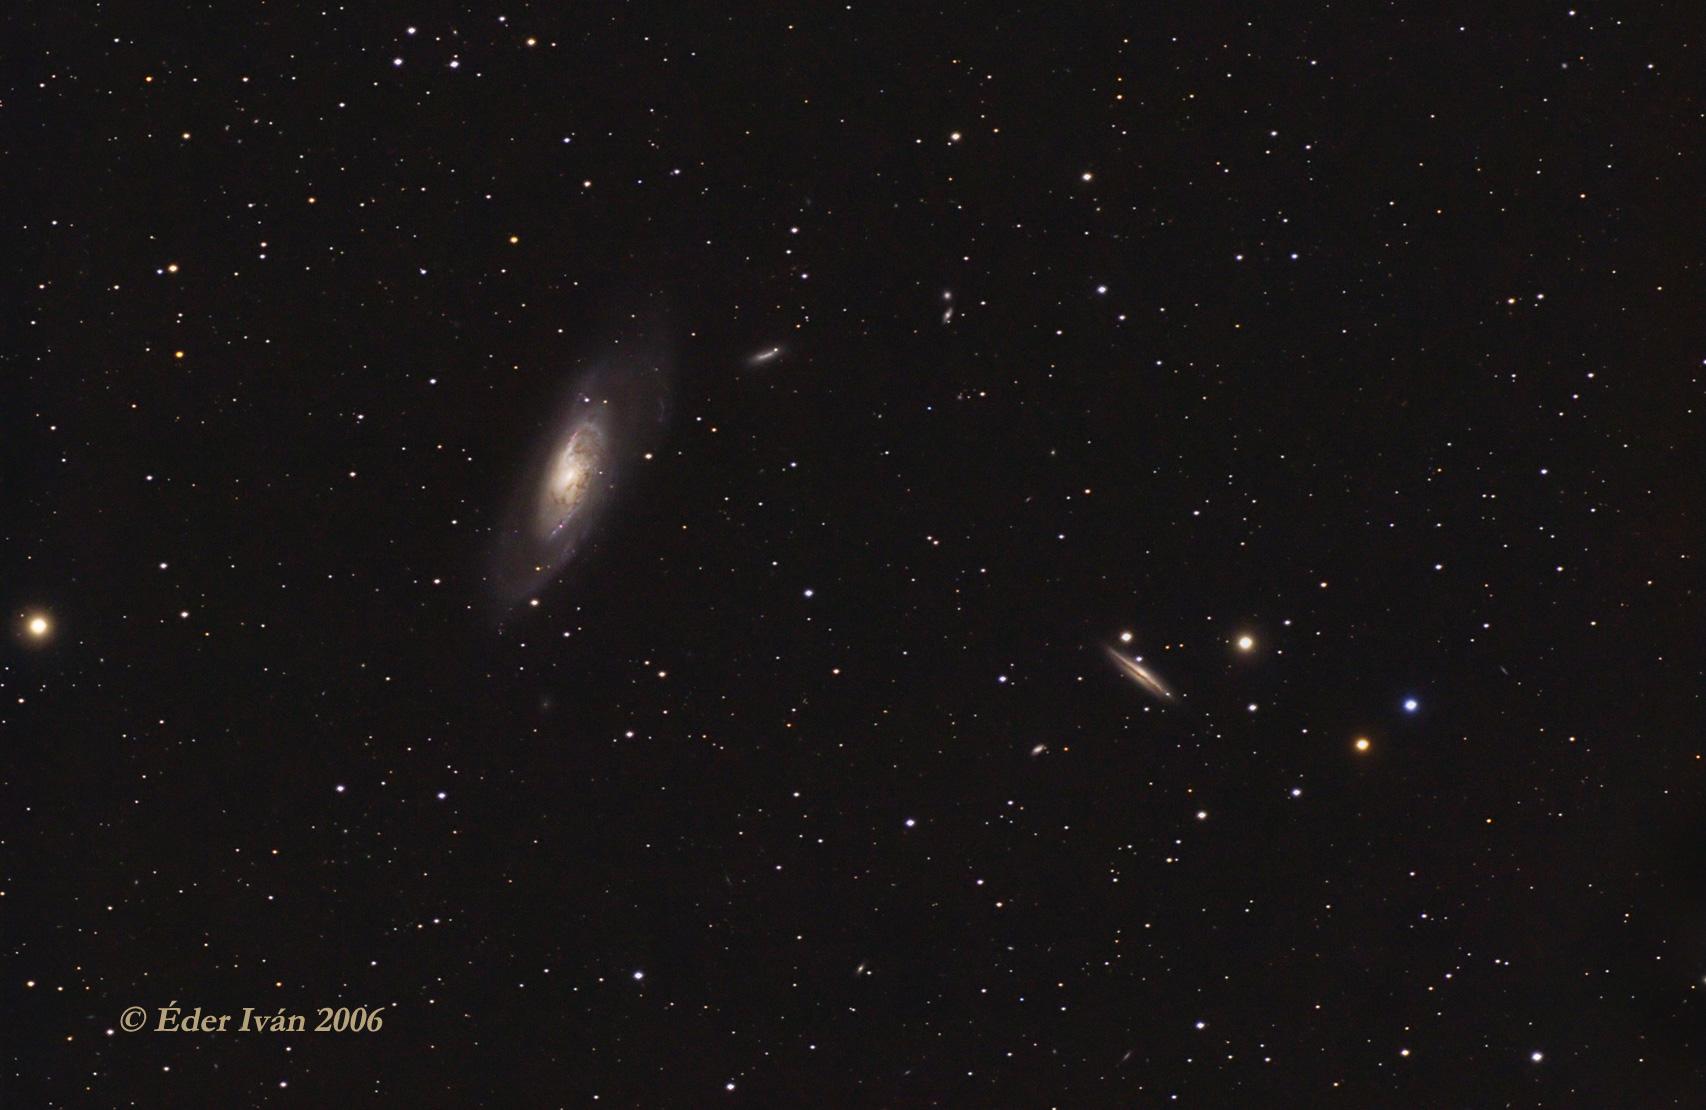 Az M106 és az NGC 4217 jelű galaxisok